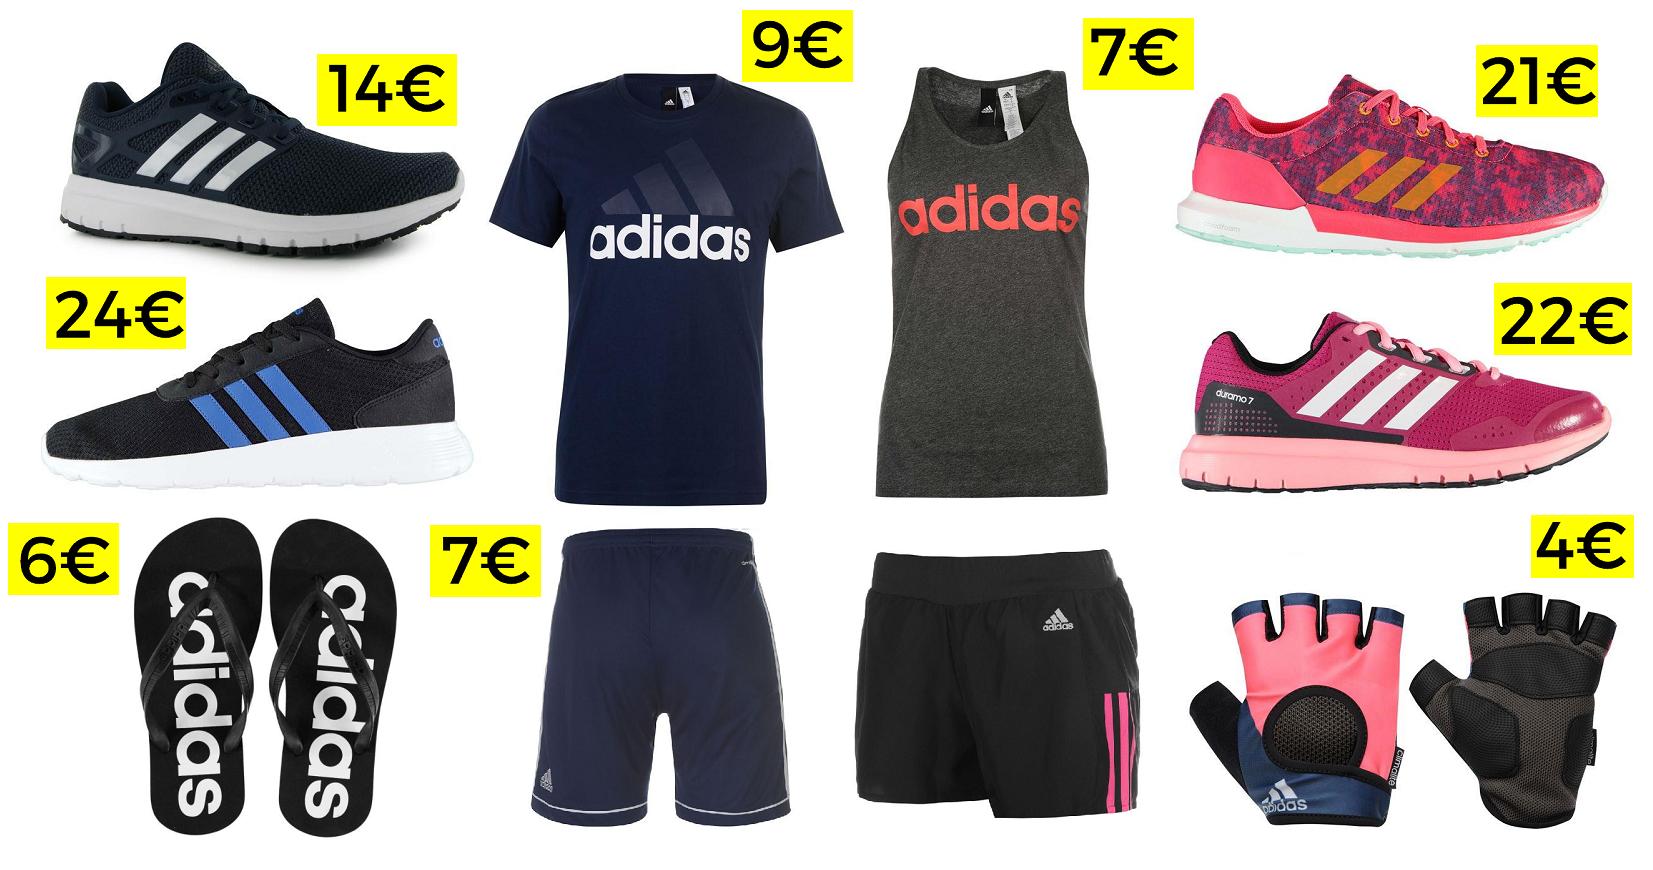 50% en Adidas + 20% EXTRA al pagar con la APP